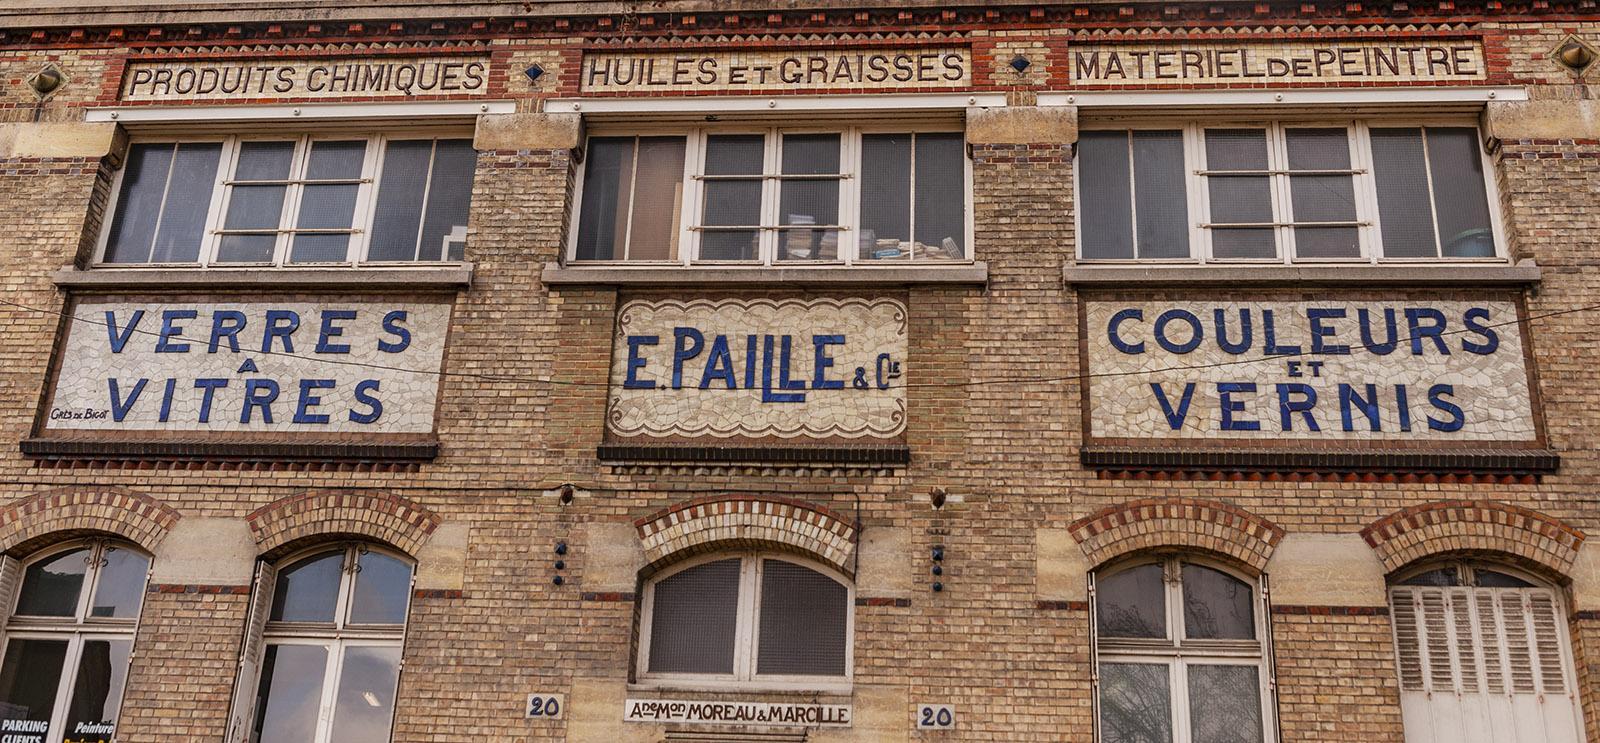 Banlieue de Paris: Die steinernen Zeugen des frühen Industriezeitalters... faszinierend! Und noch allgegenwärtig in der Banlieue von Paris! Foto: Hilke Maunder